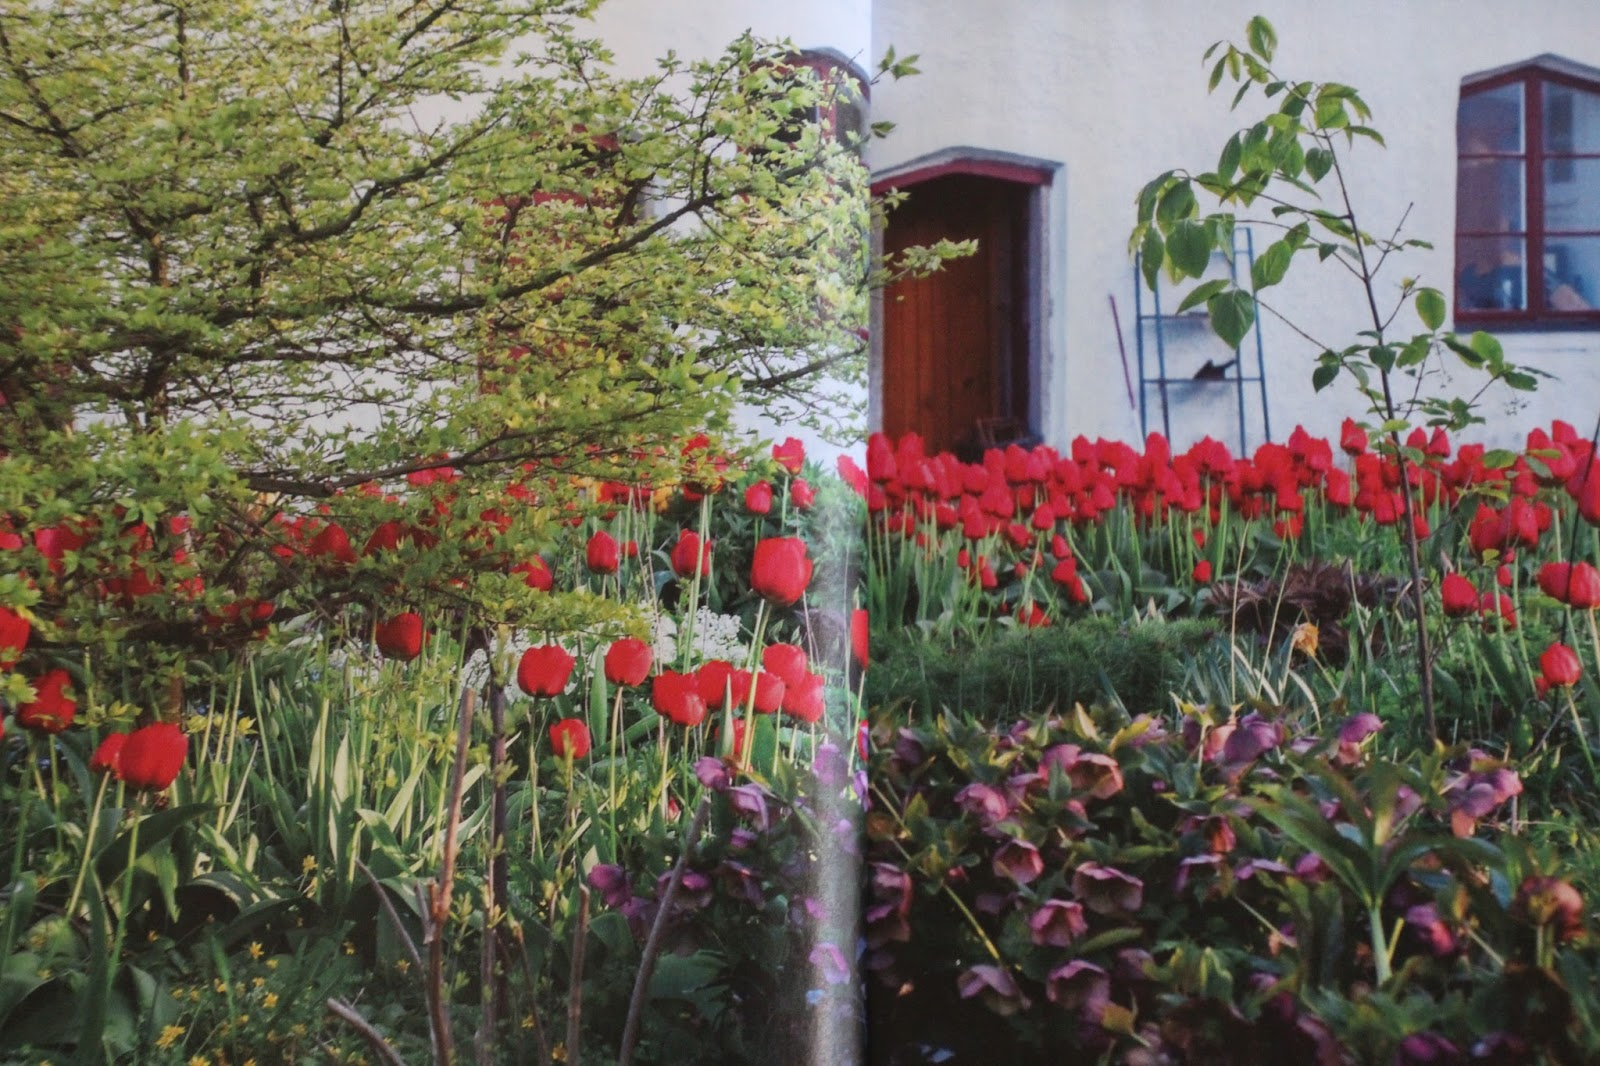 reportage Allt om Trädgård